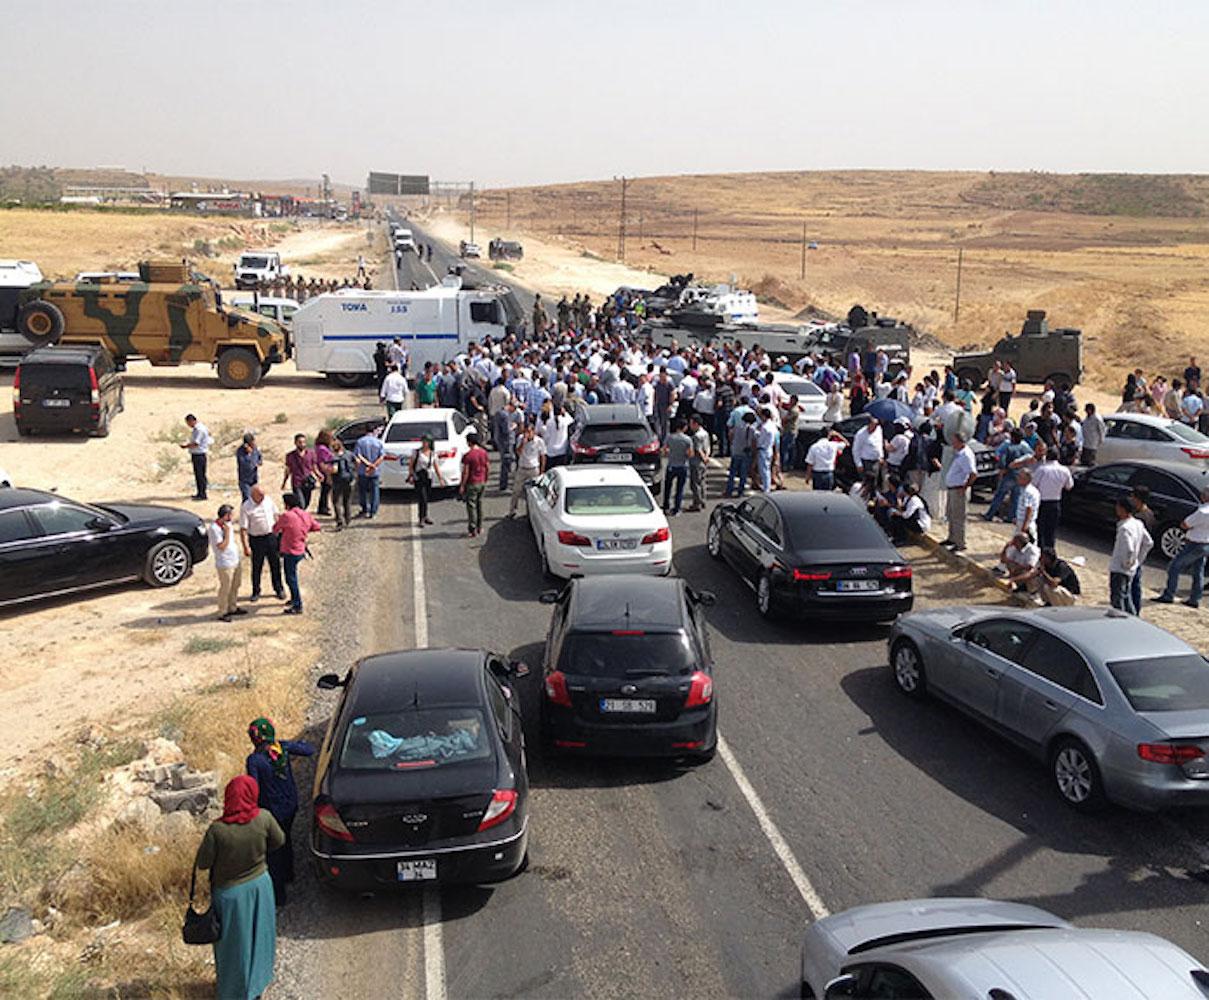 Cizre ve Silopi'ye gitmek isteyen HDP'lilere izin verilmedi